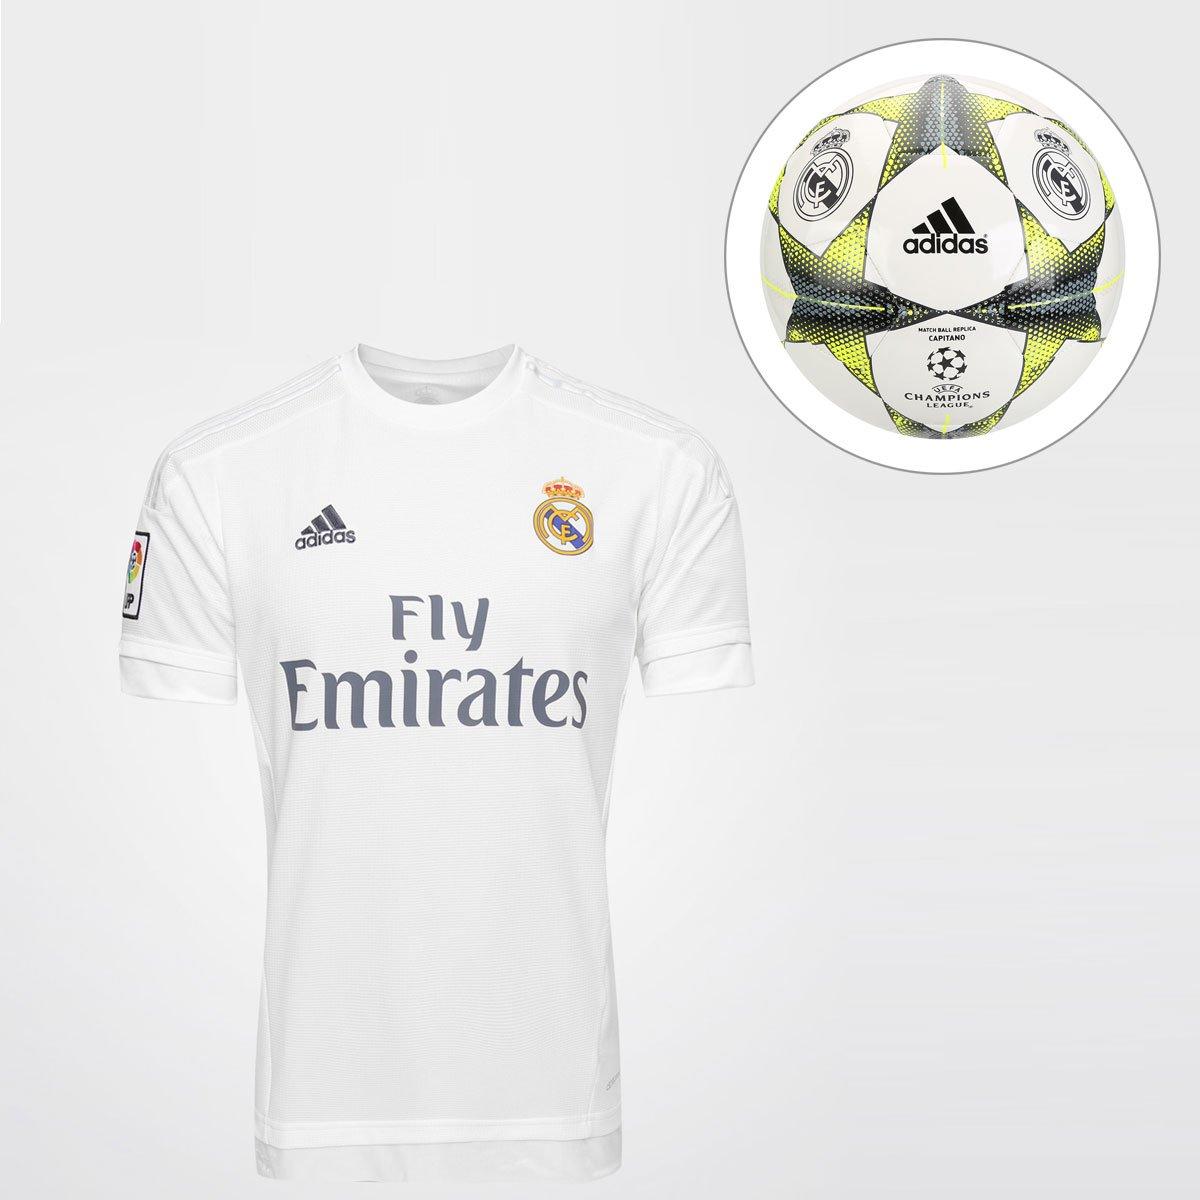 905db60864ad8 Kit Camisa Adidas Real Madrid Home 15 16 s nº + Bola Adidas Real Madr.